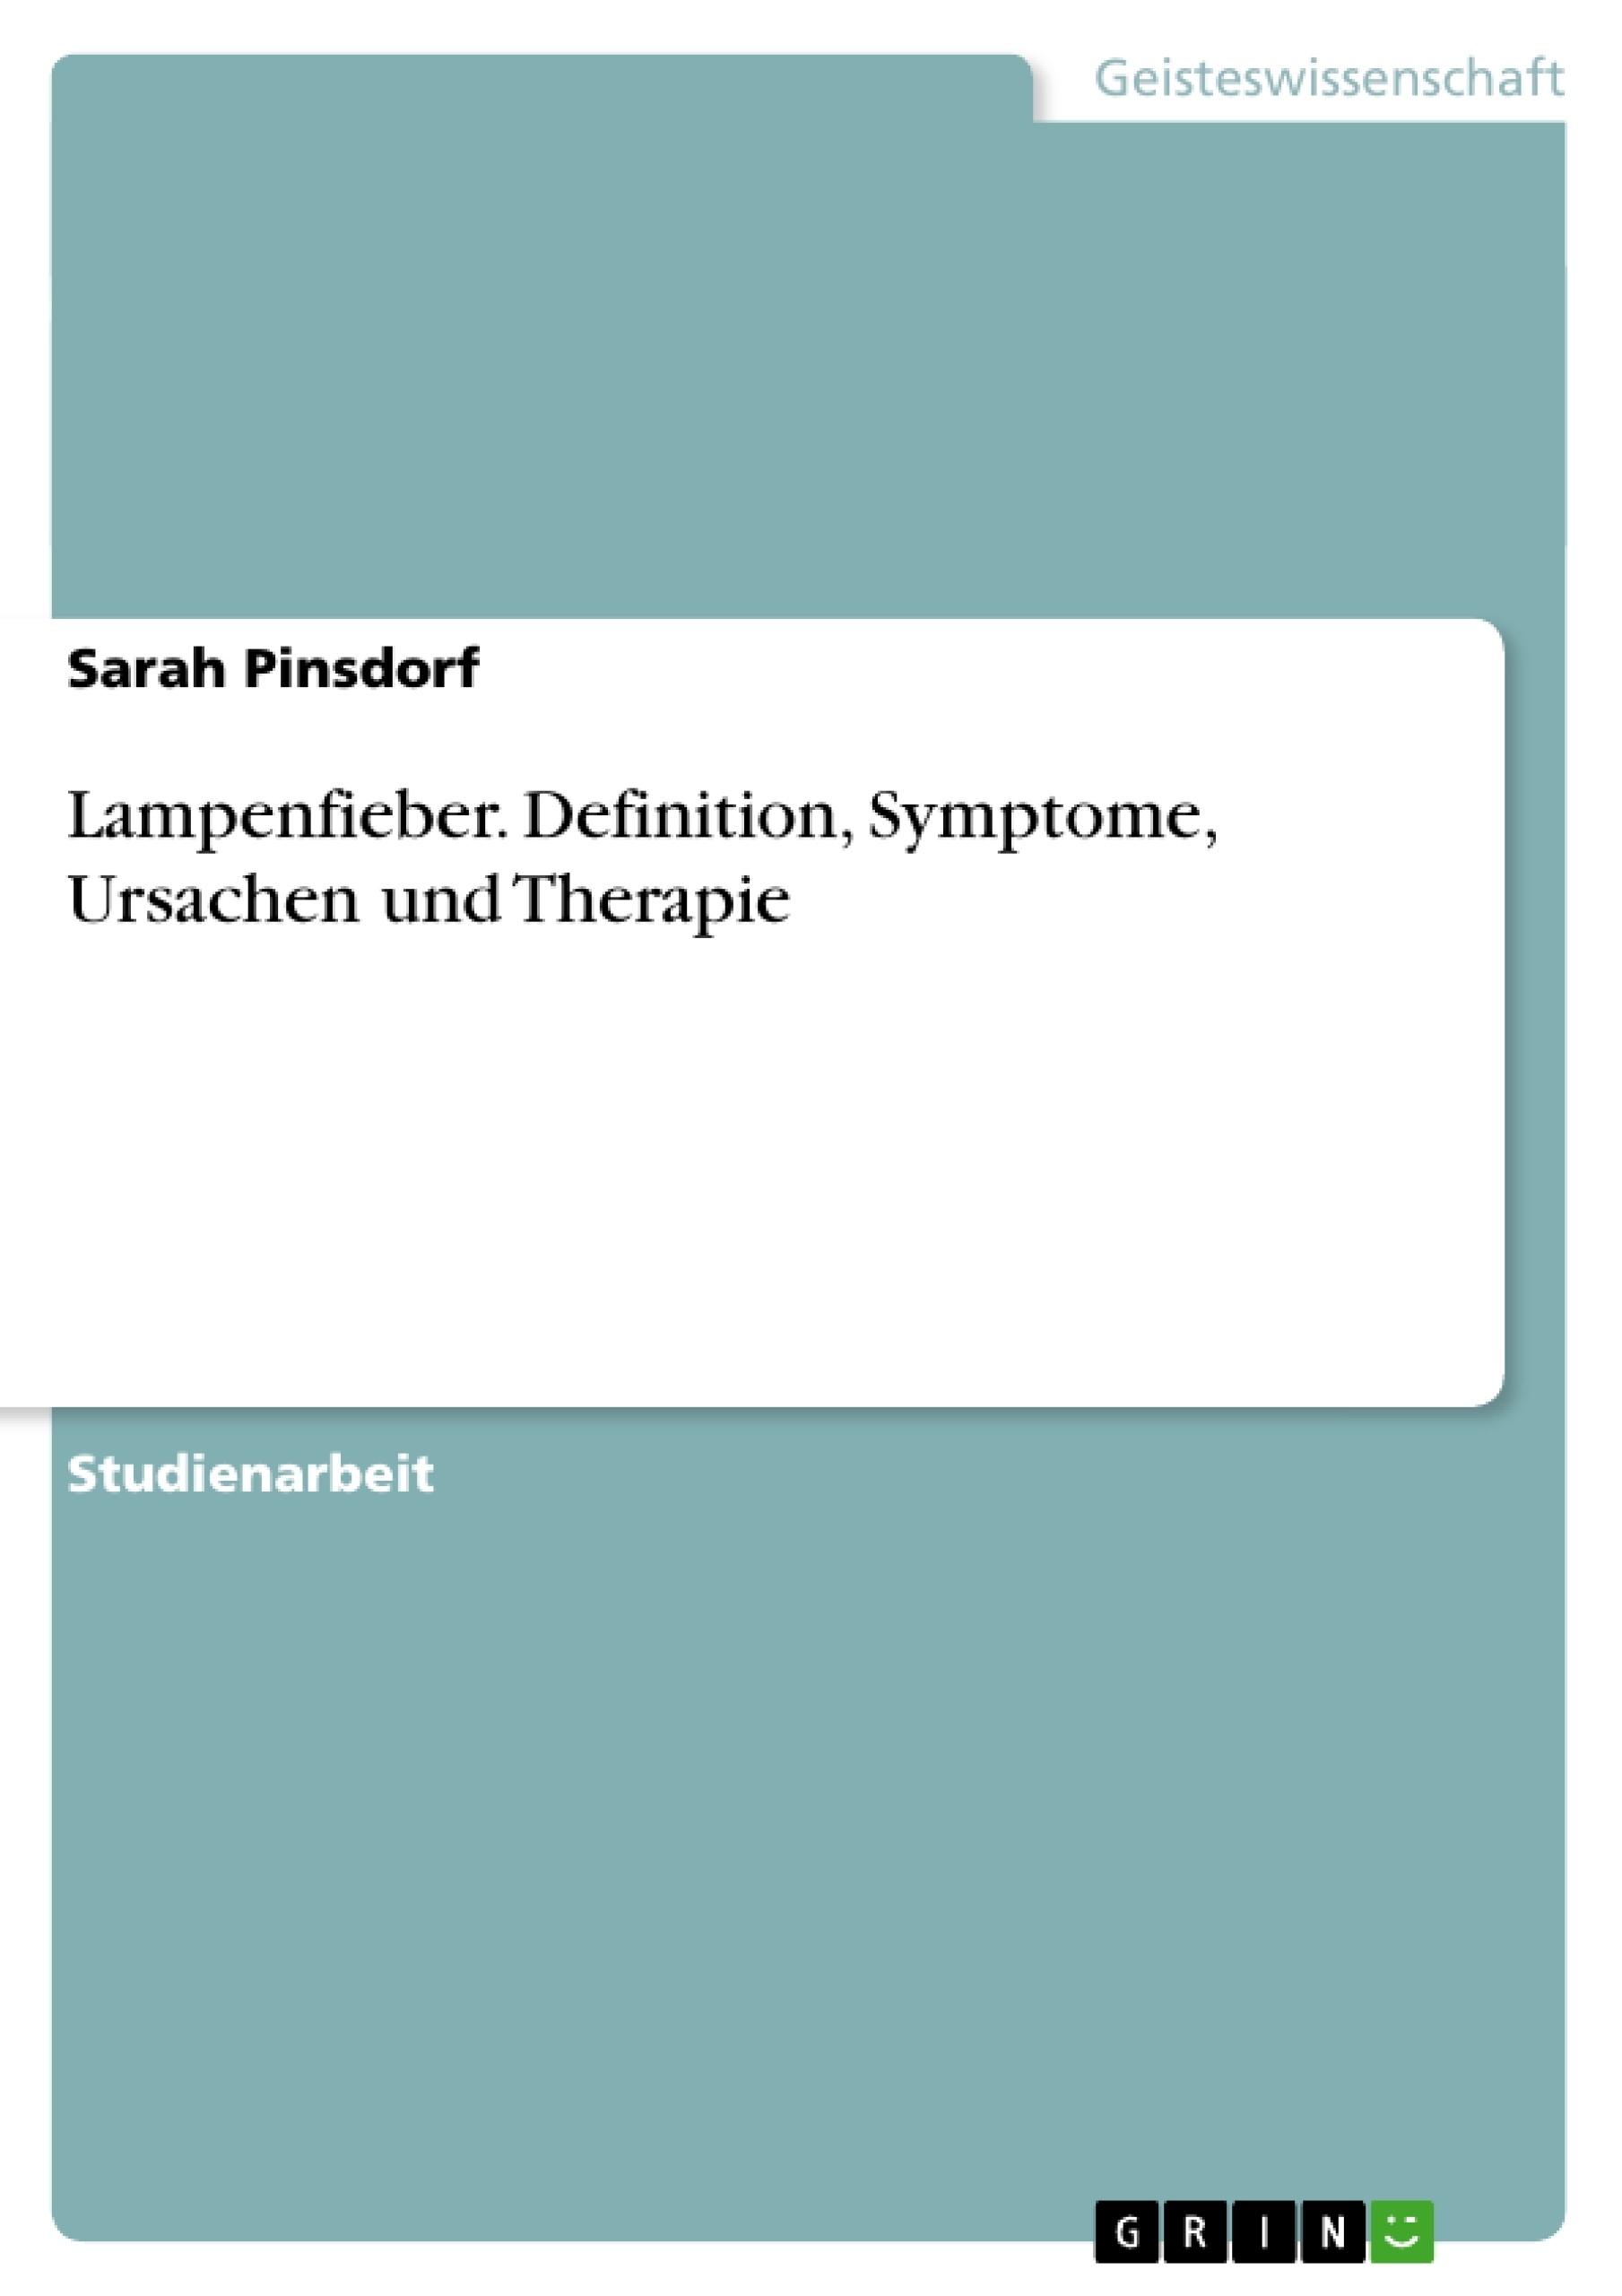 Titel: Lampenfieber. Definition, Symptome, Ursachen und Therapie